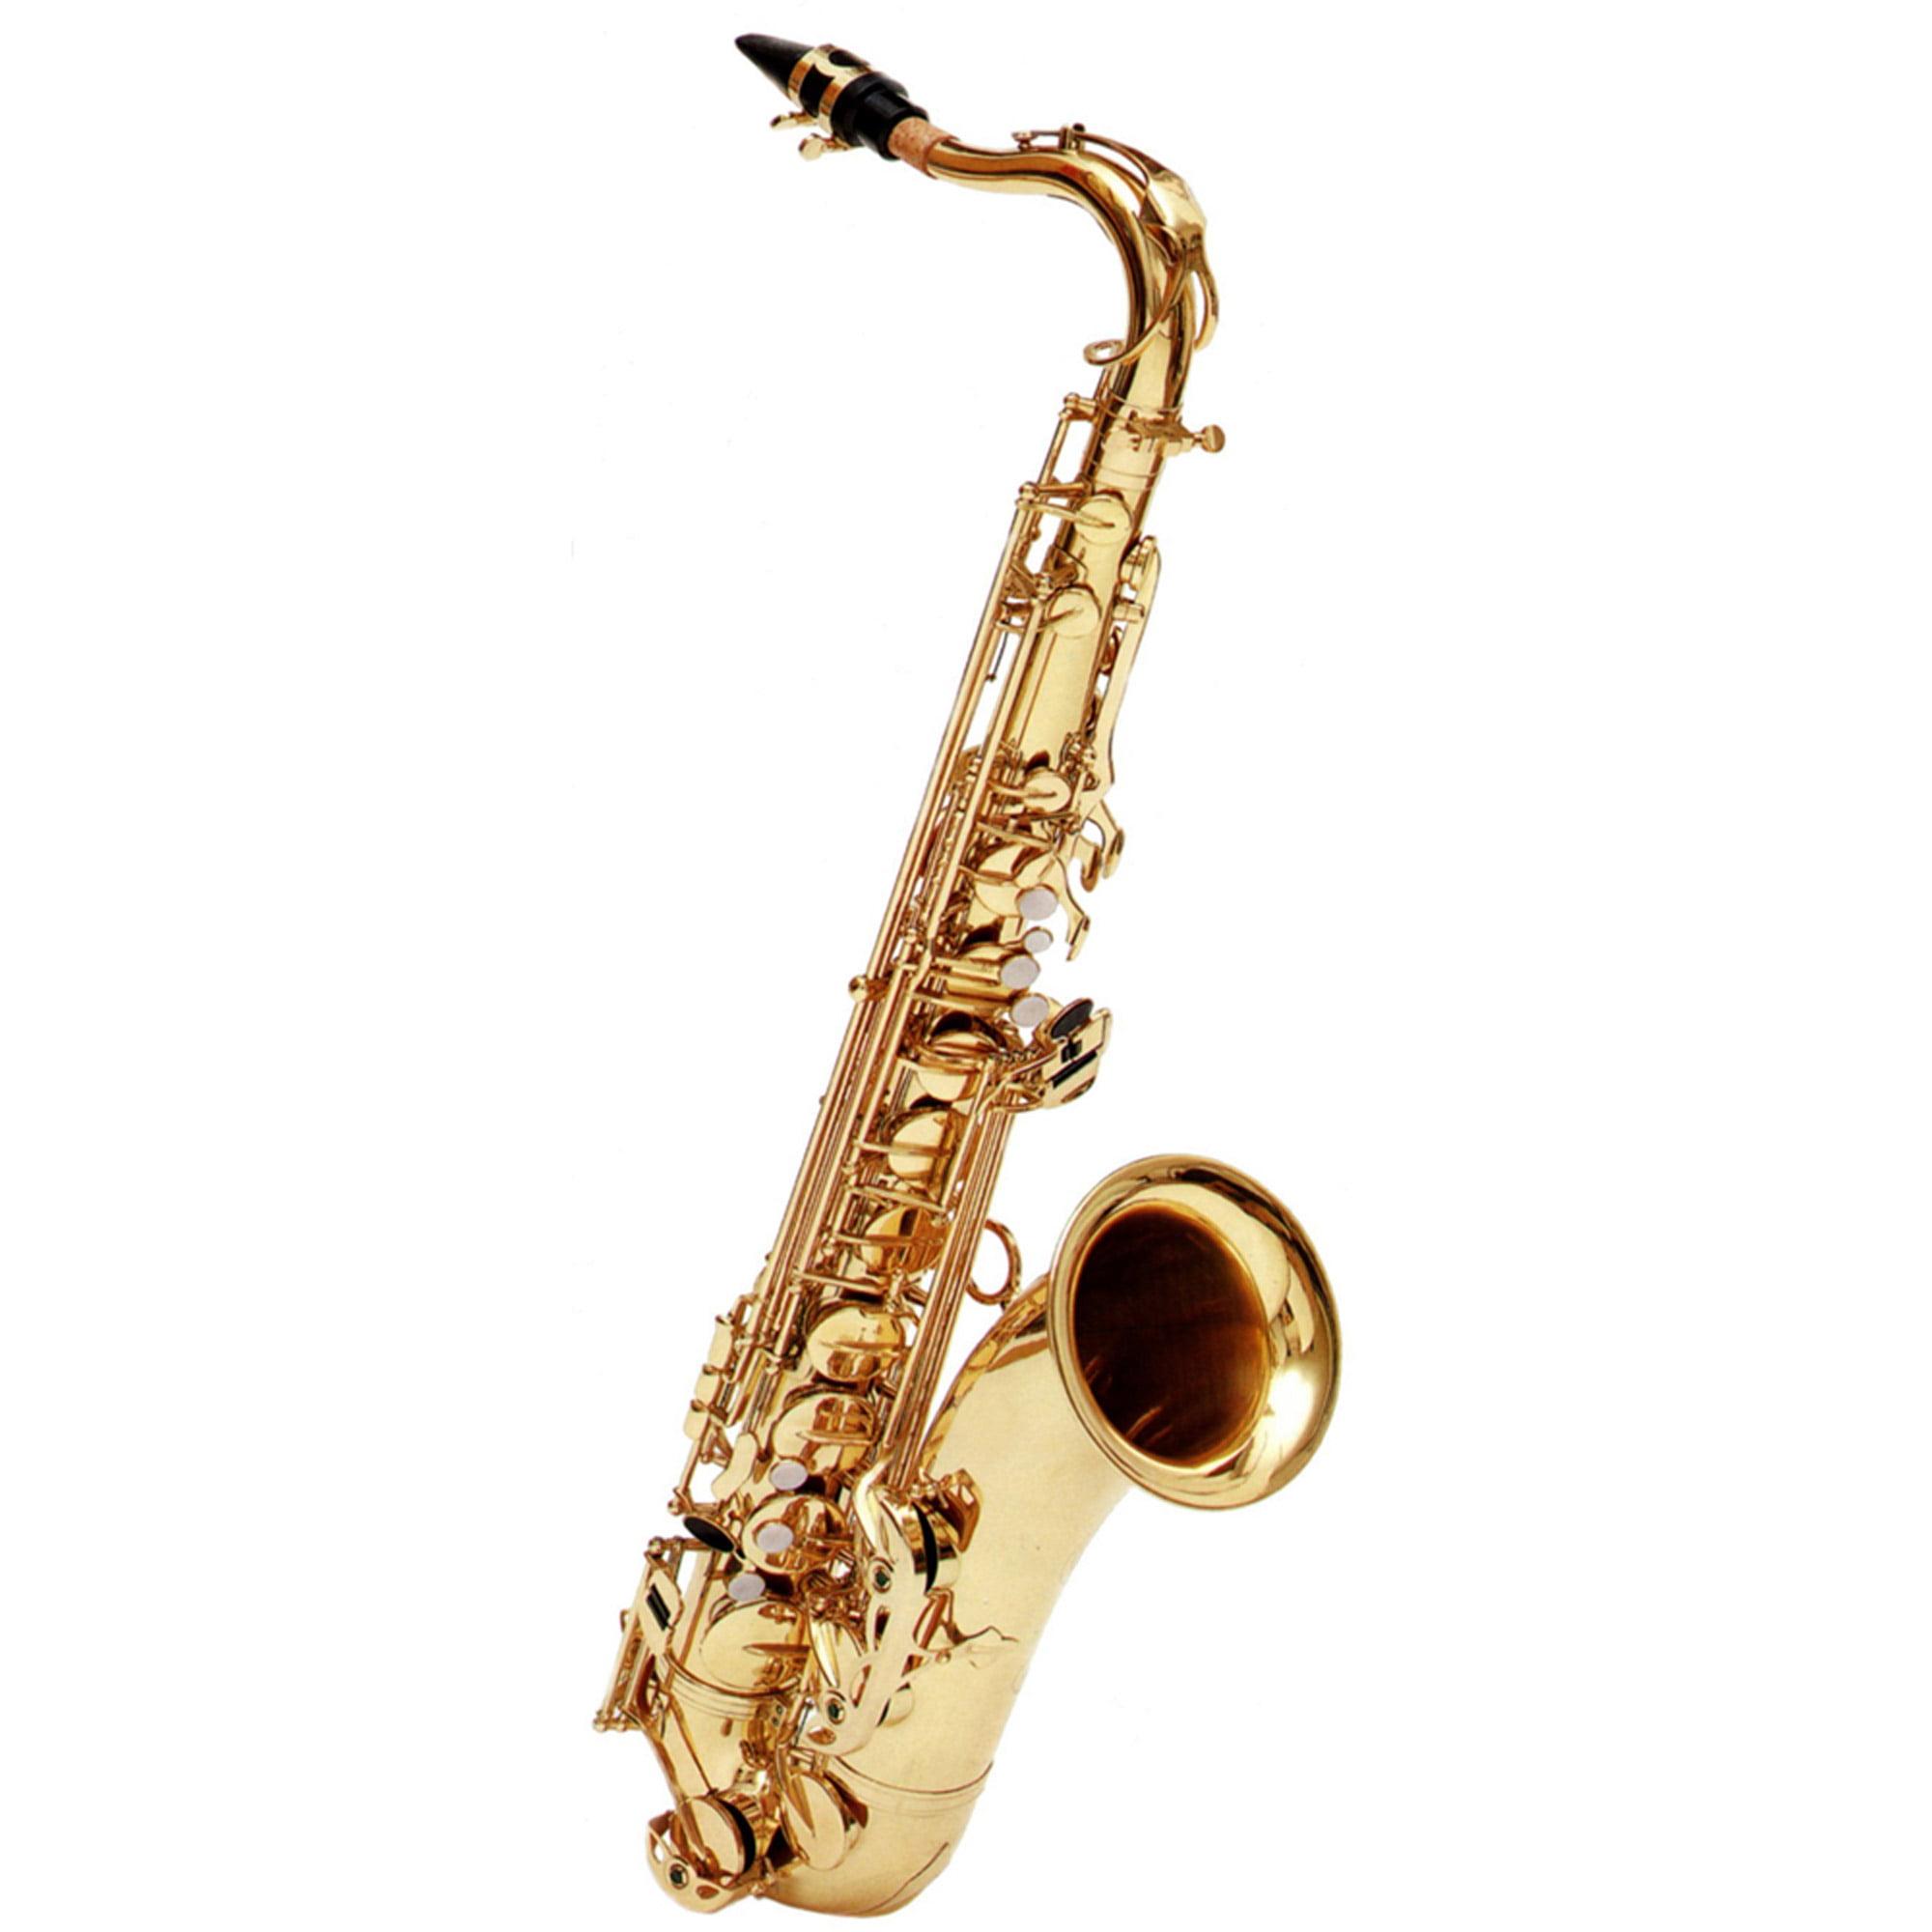 Ravel by Gemeinhardt RGT202 Tenor Sax by Ravel